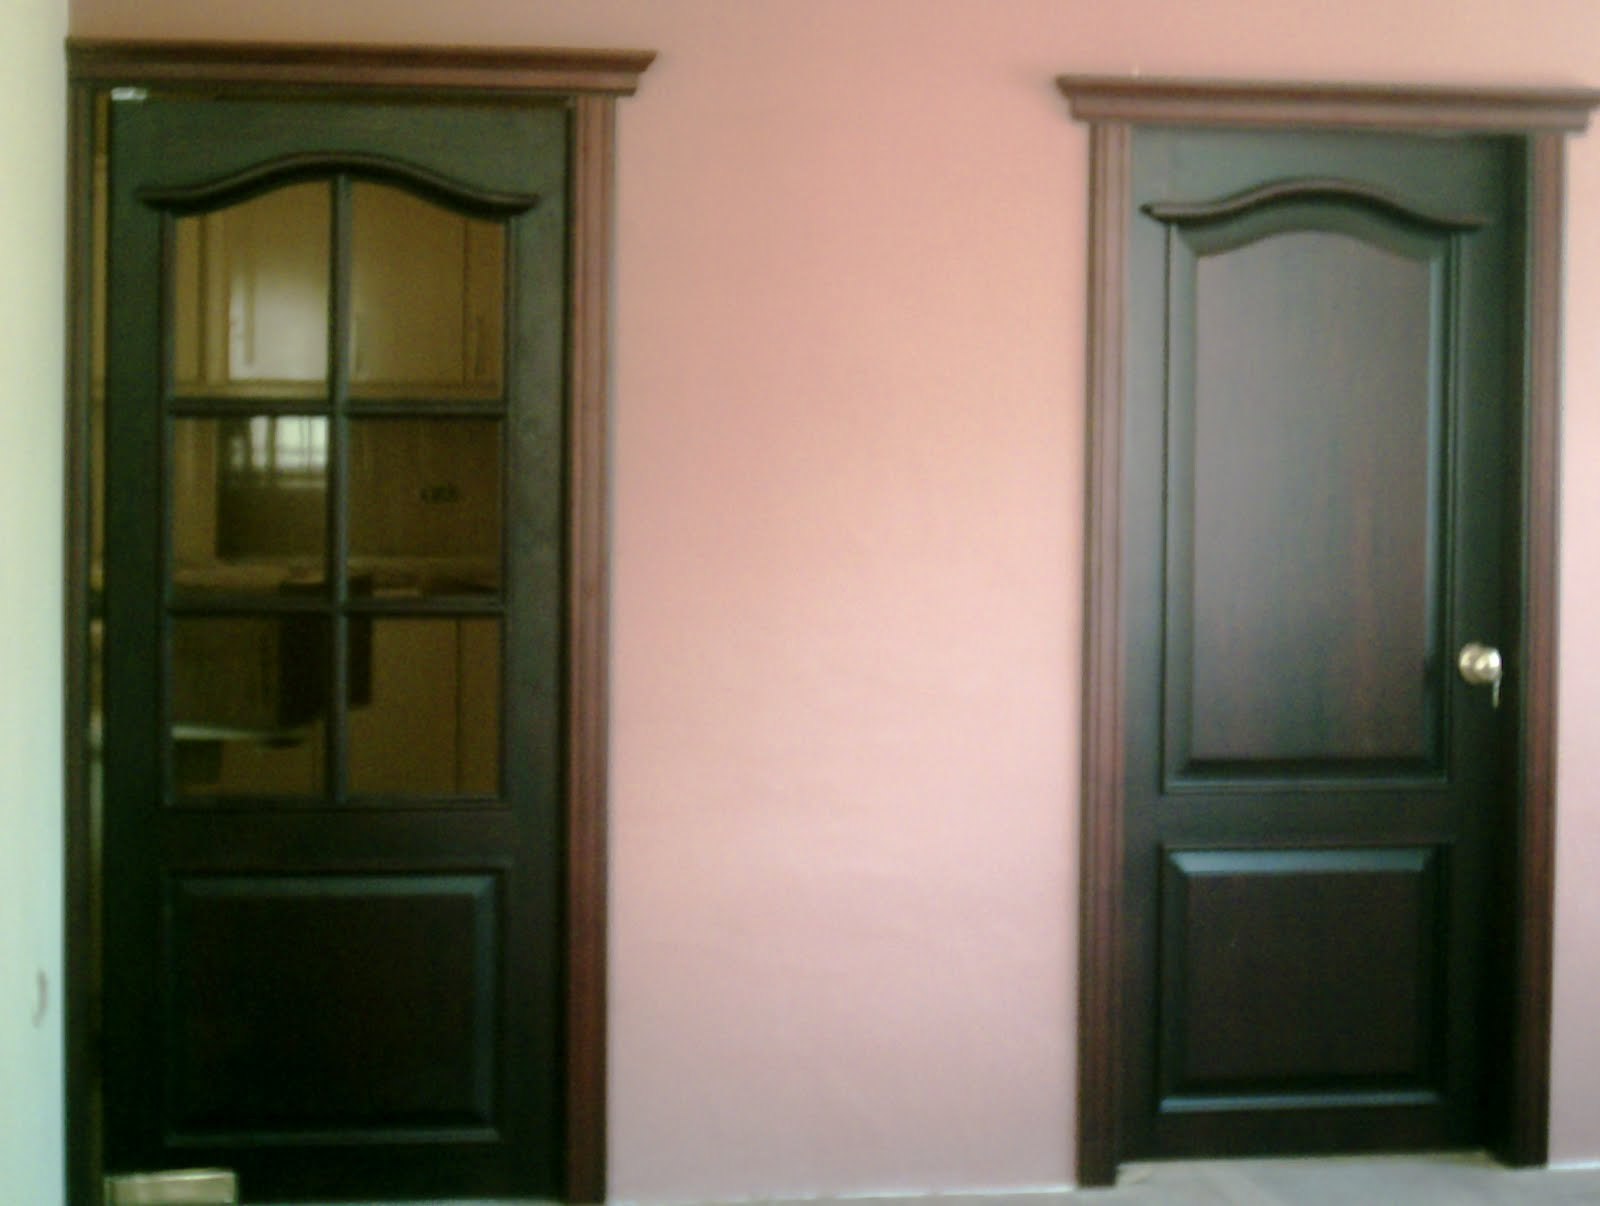 Ideatumobiliario puertas interiores y exteriores para su for Modelos de puertas de madera para dormitorios